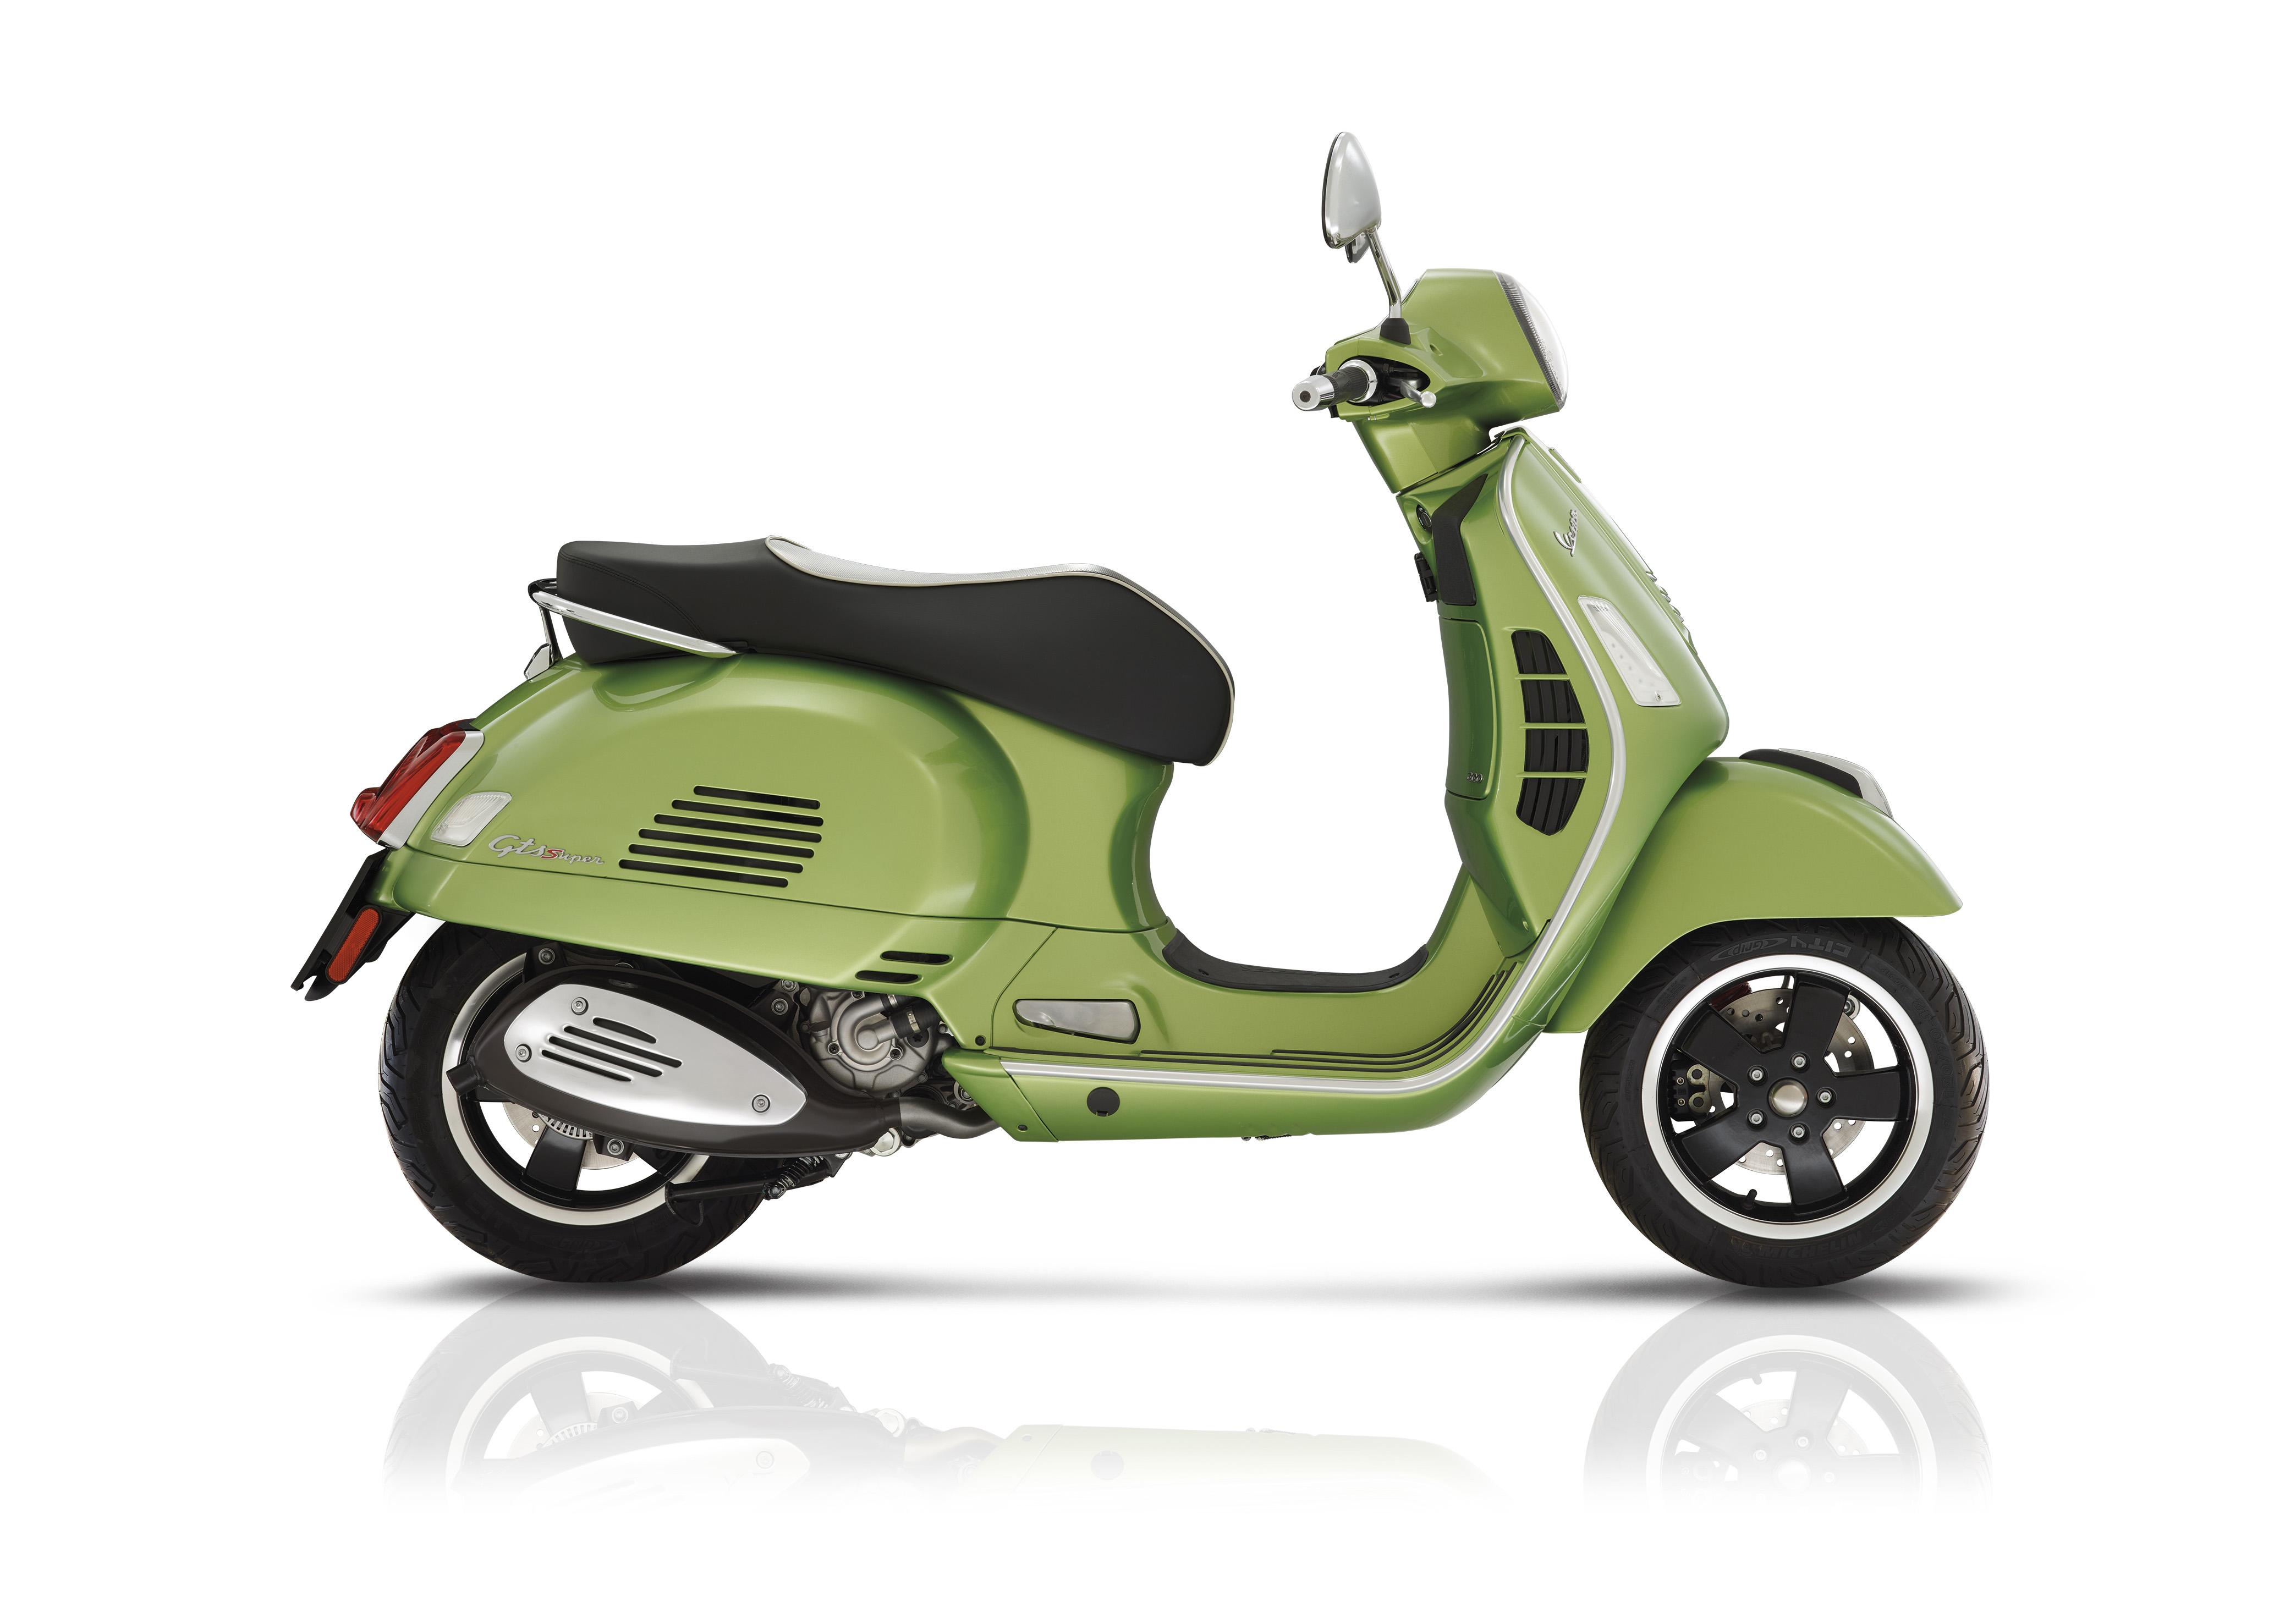 Vespa GTS 300 Super Green